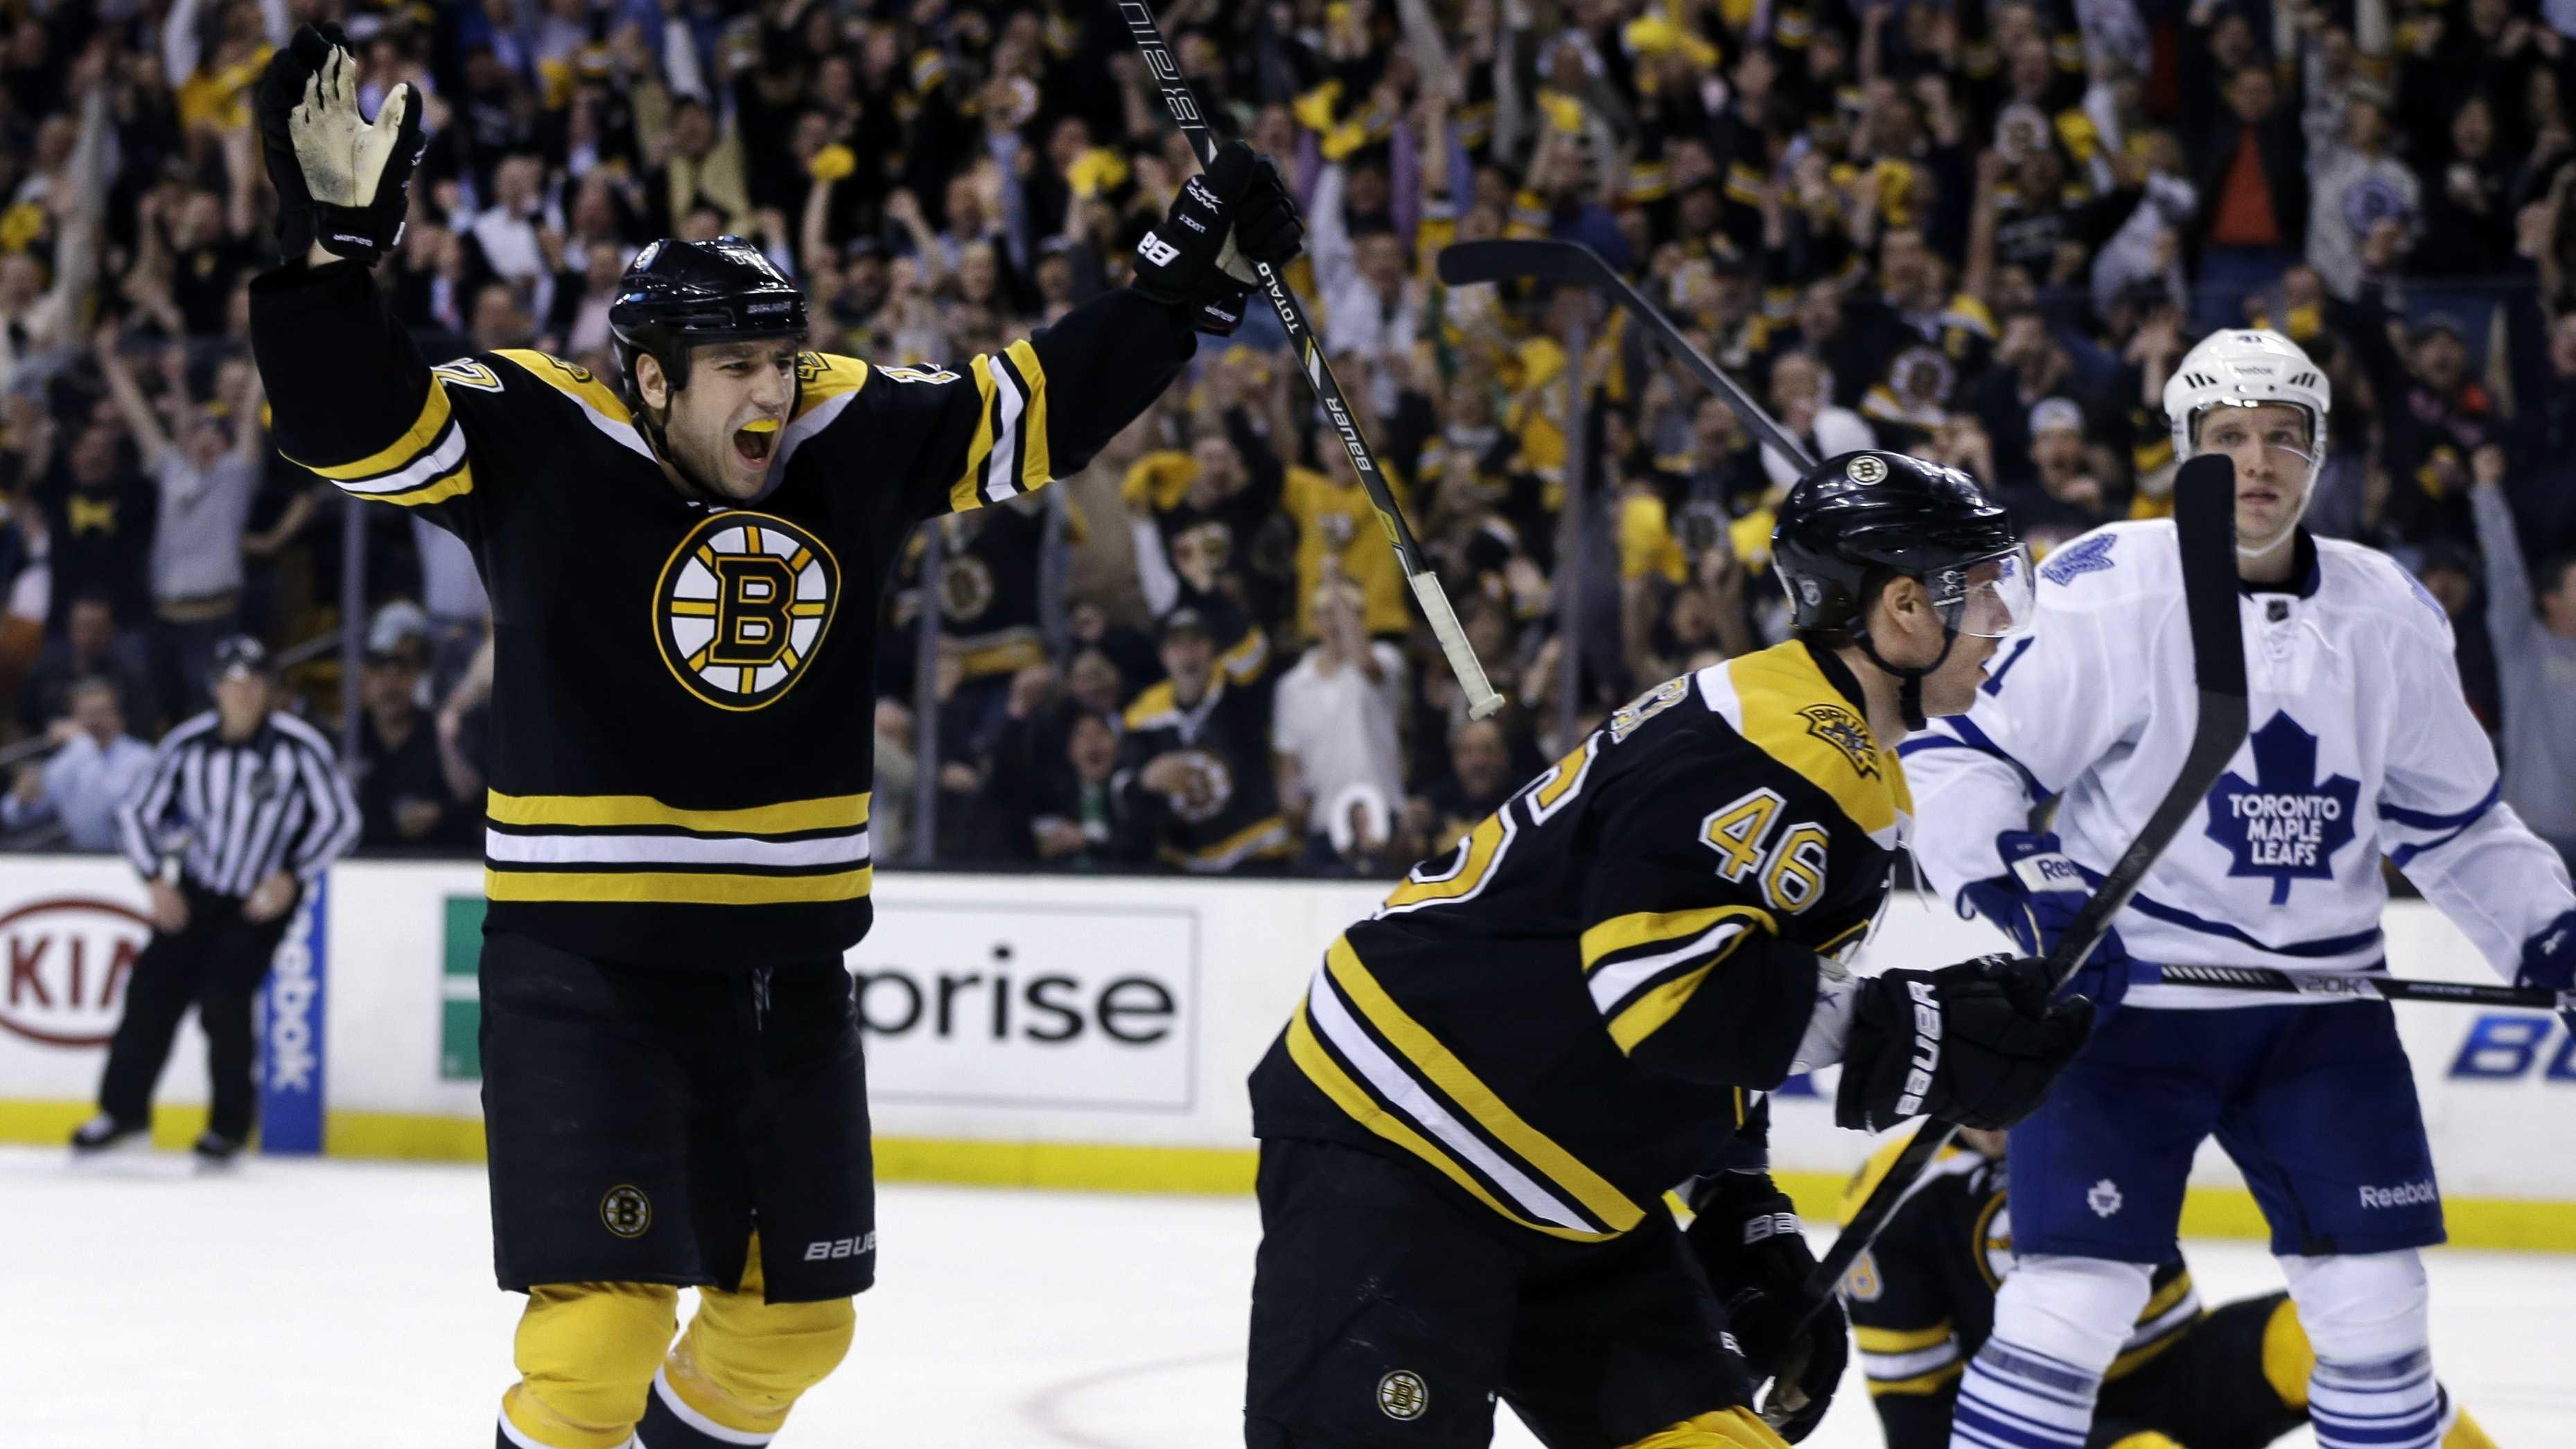 Bruins score vs. Leafs 5.1